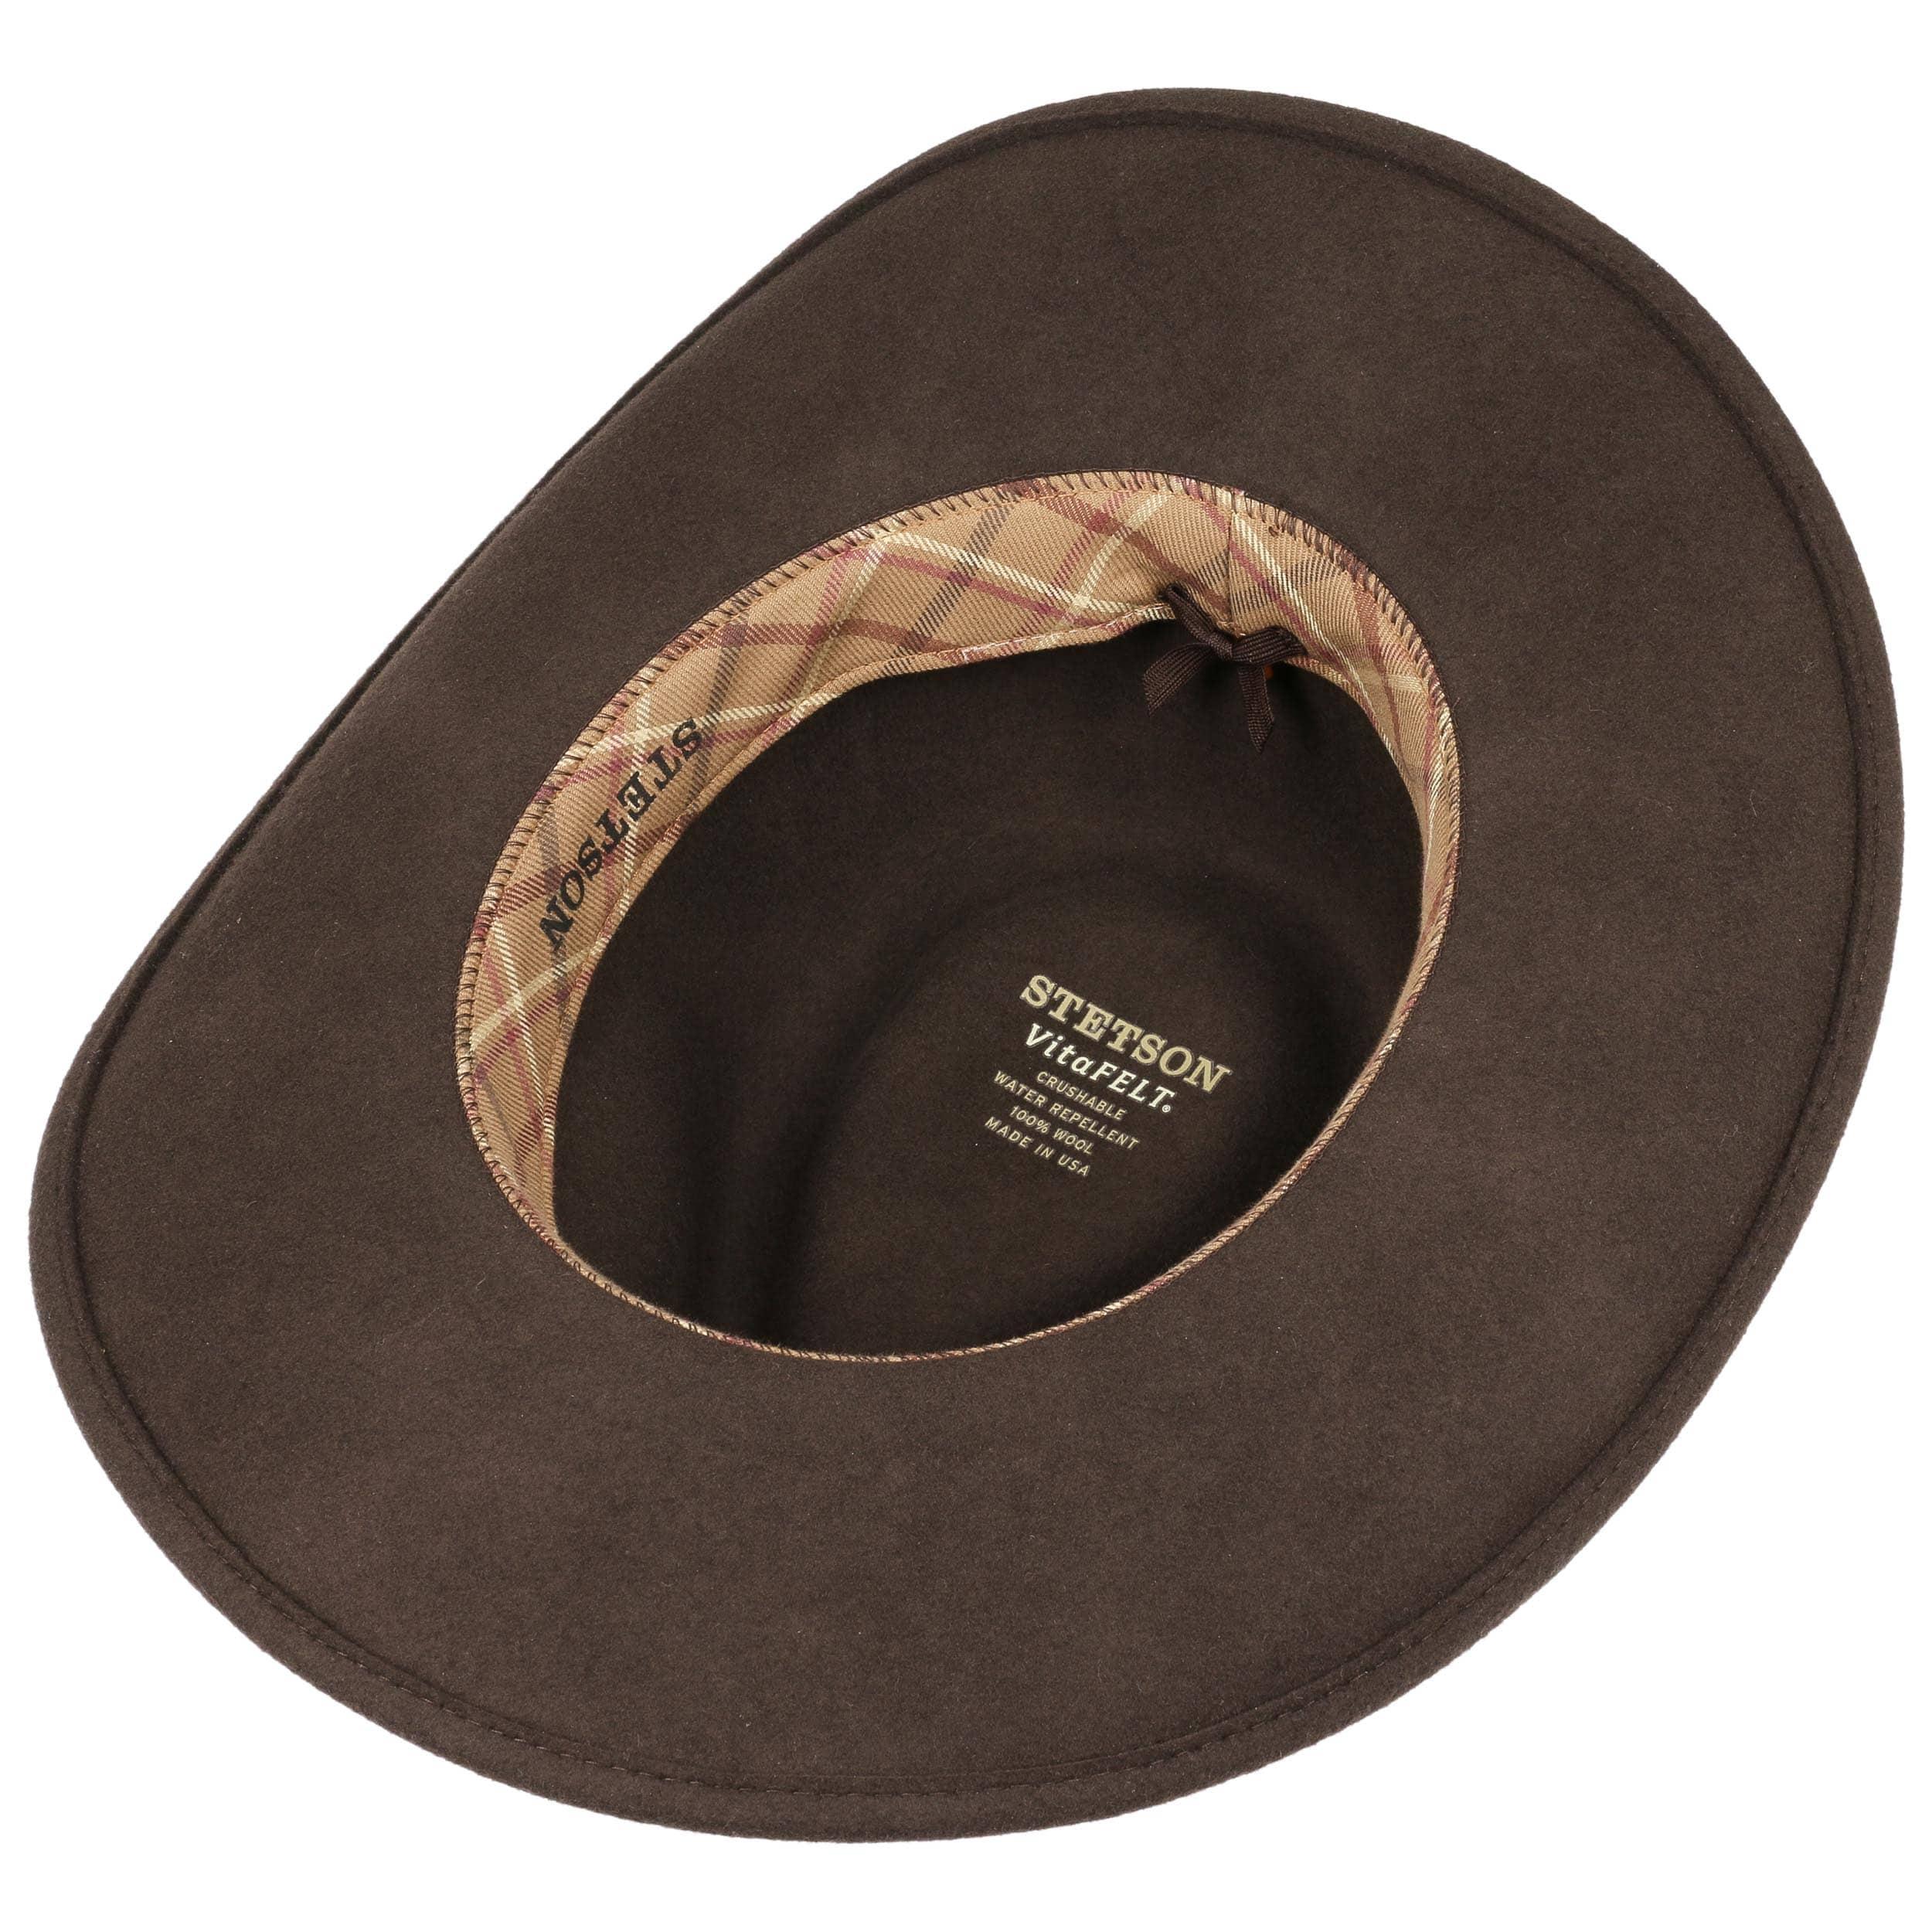 ... Feather Trim VitaFelt Hat by Stetson - brown 2 ... 5d51b1f5d71